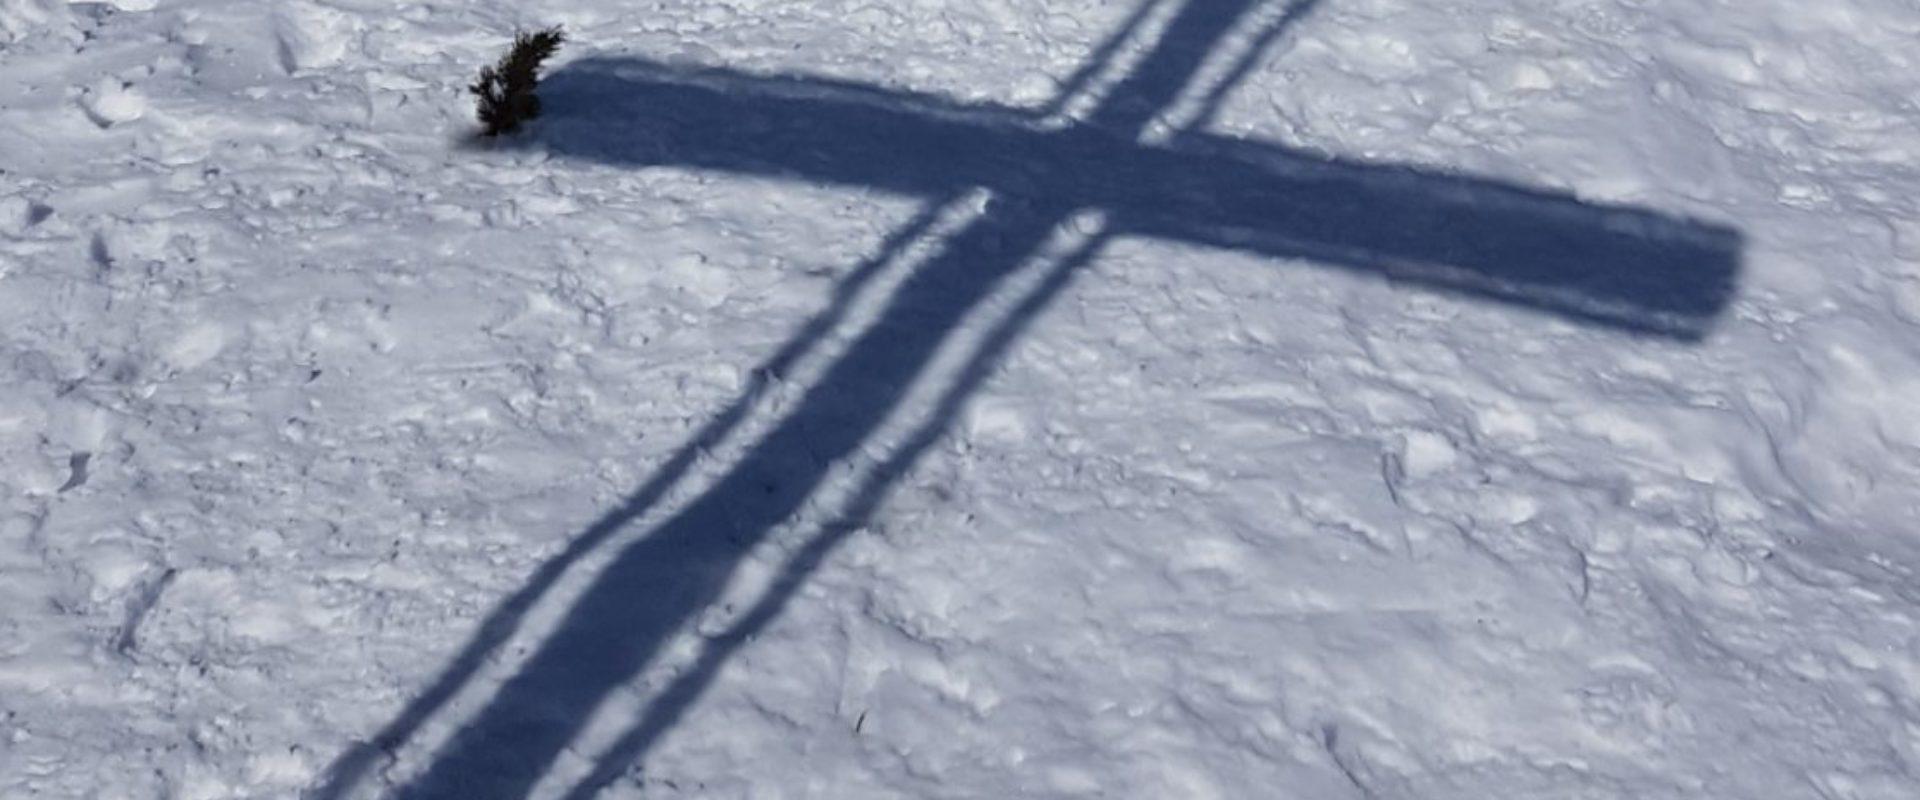 Grabnerstein Gipfelkreuz Gesäuse Privatzimmer Gassner Ferienwohnungen Nationalpark Gesäuse Winter nördlich der Enns Haus Gassner Skitour